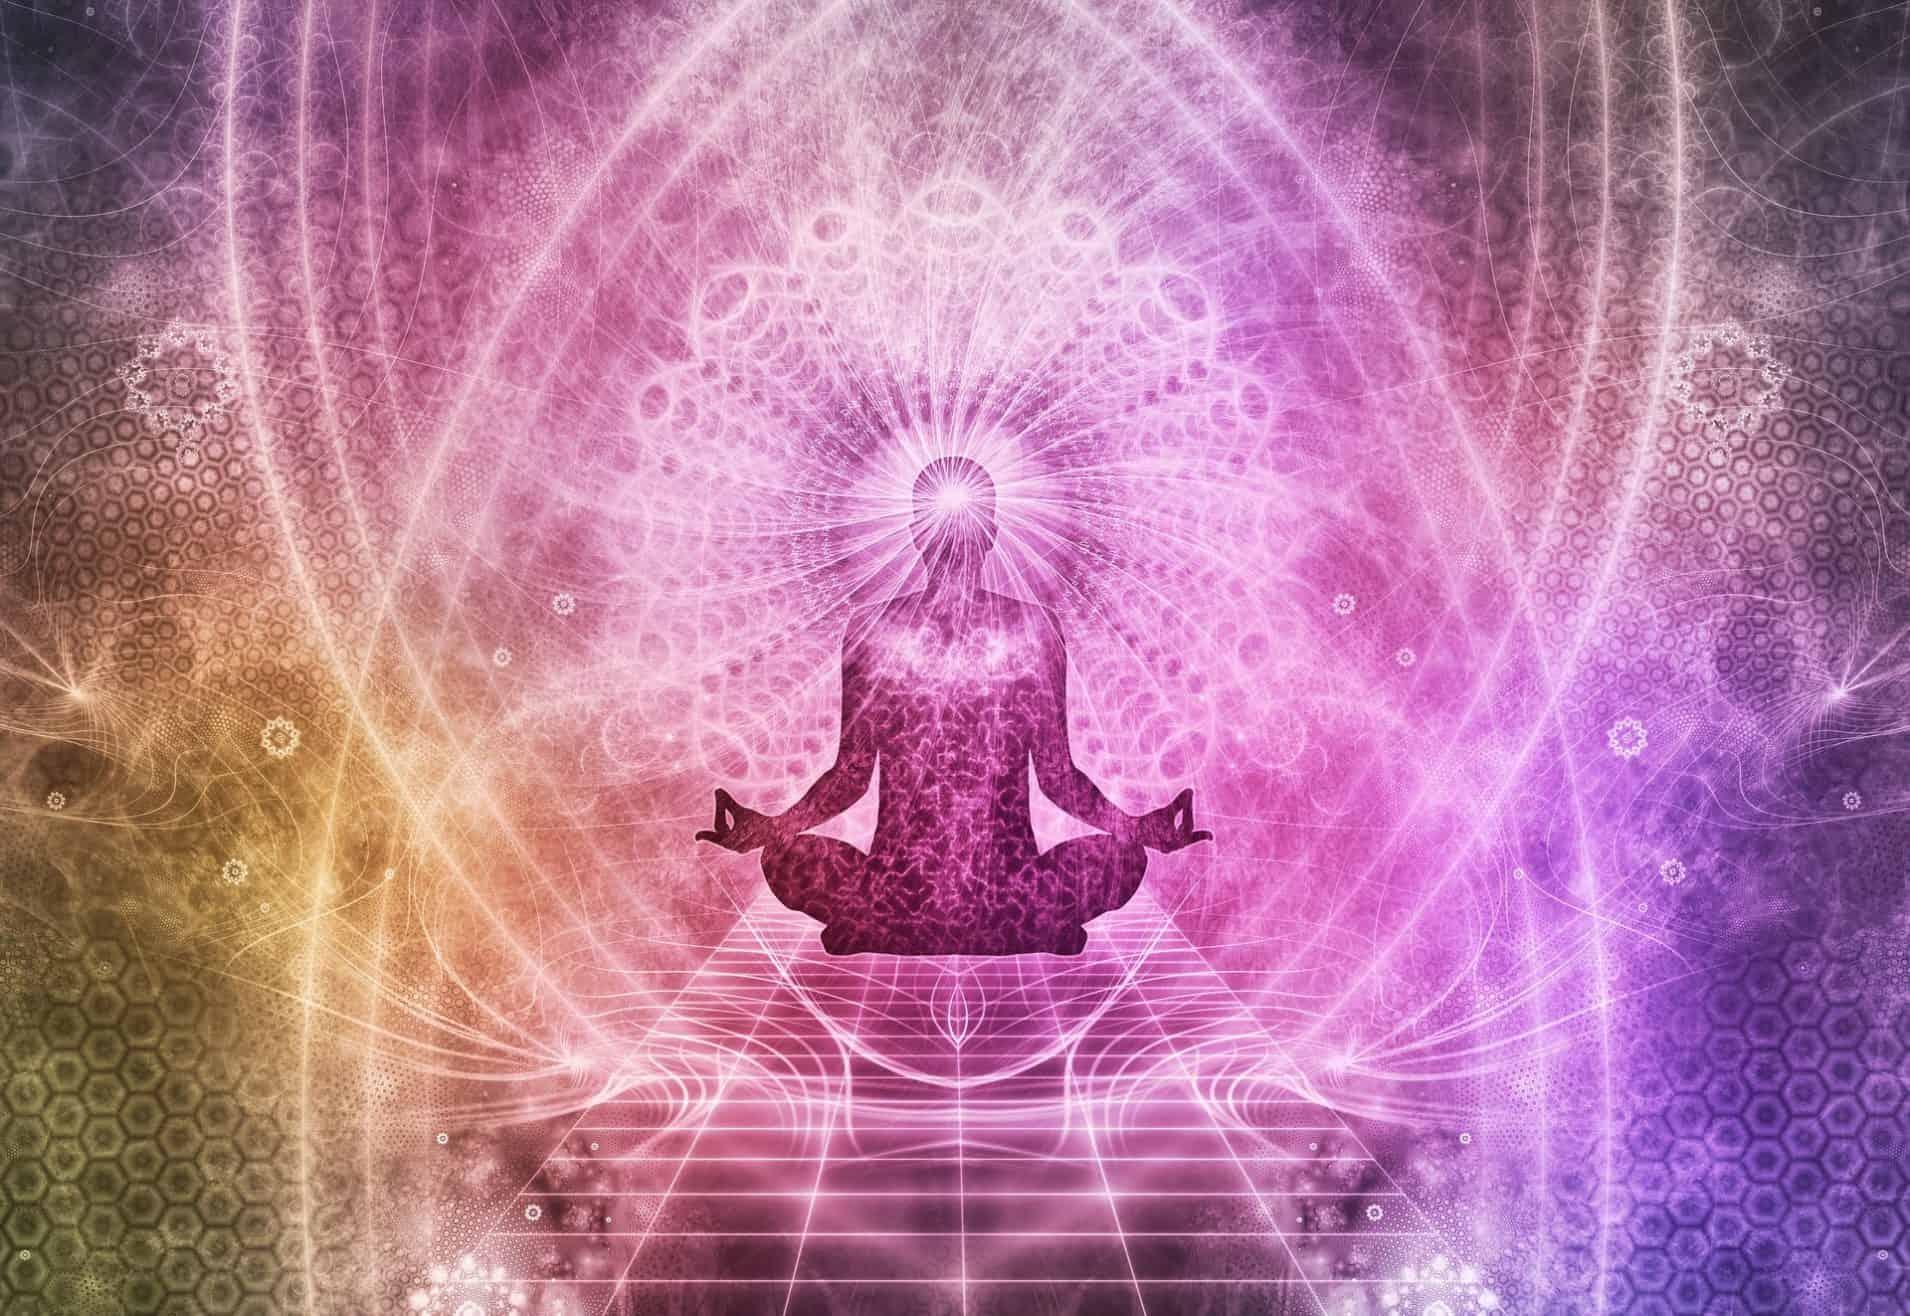 Bewusstes Atmen ist Leben